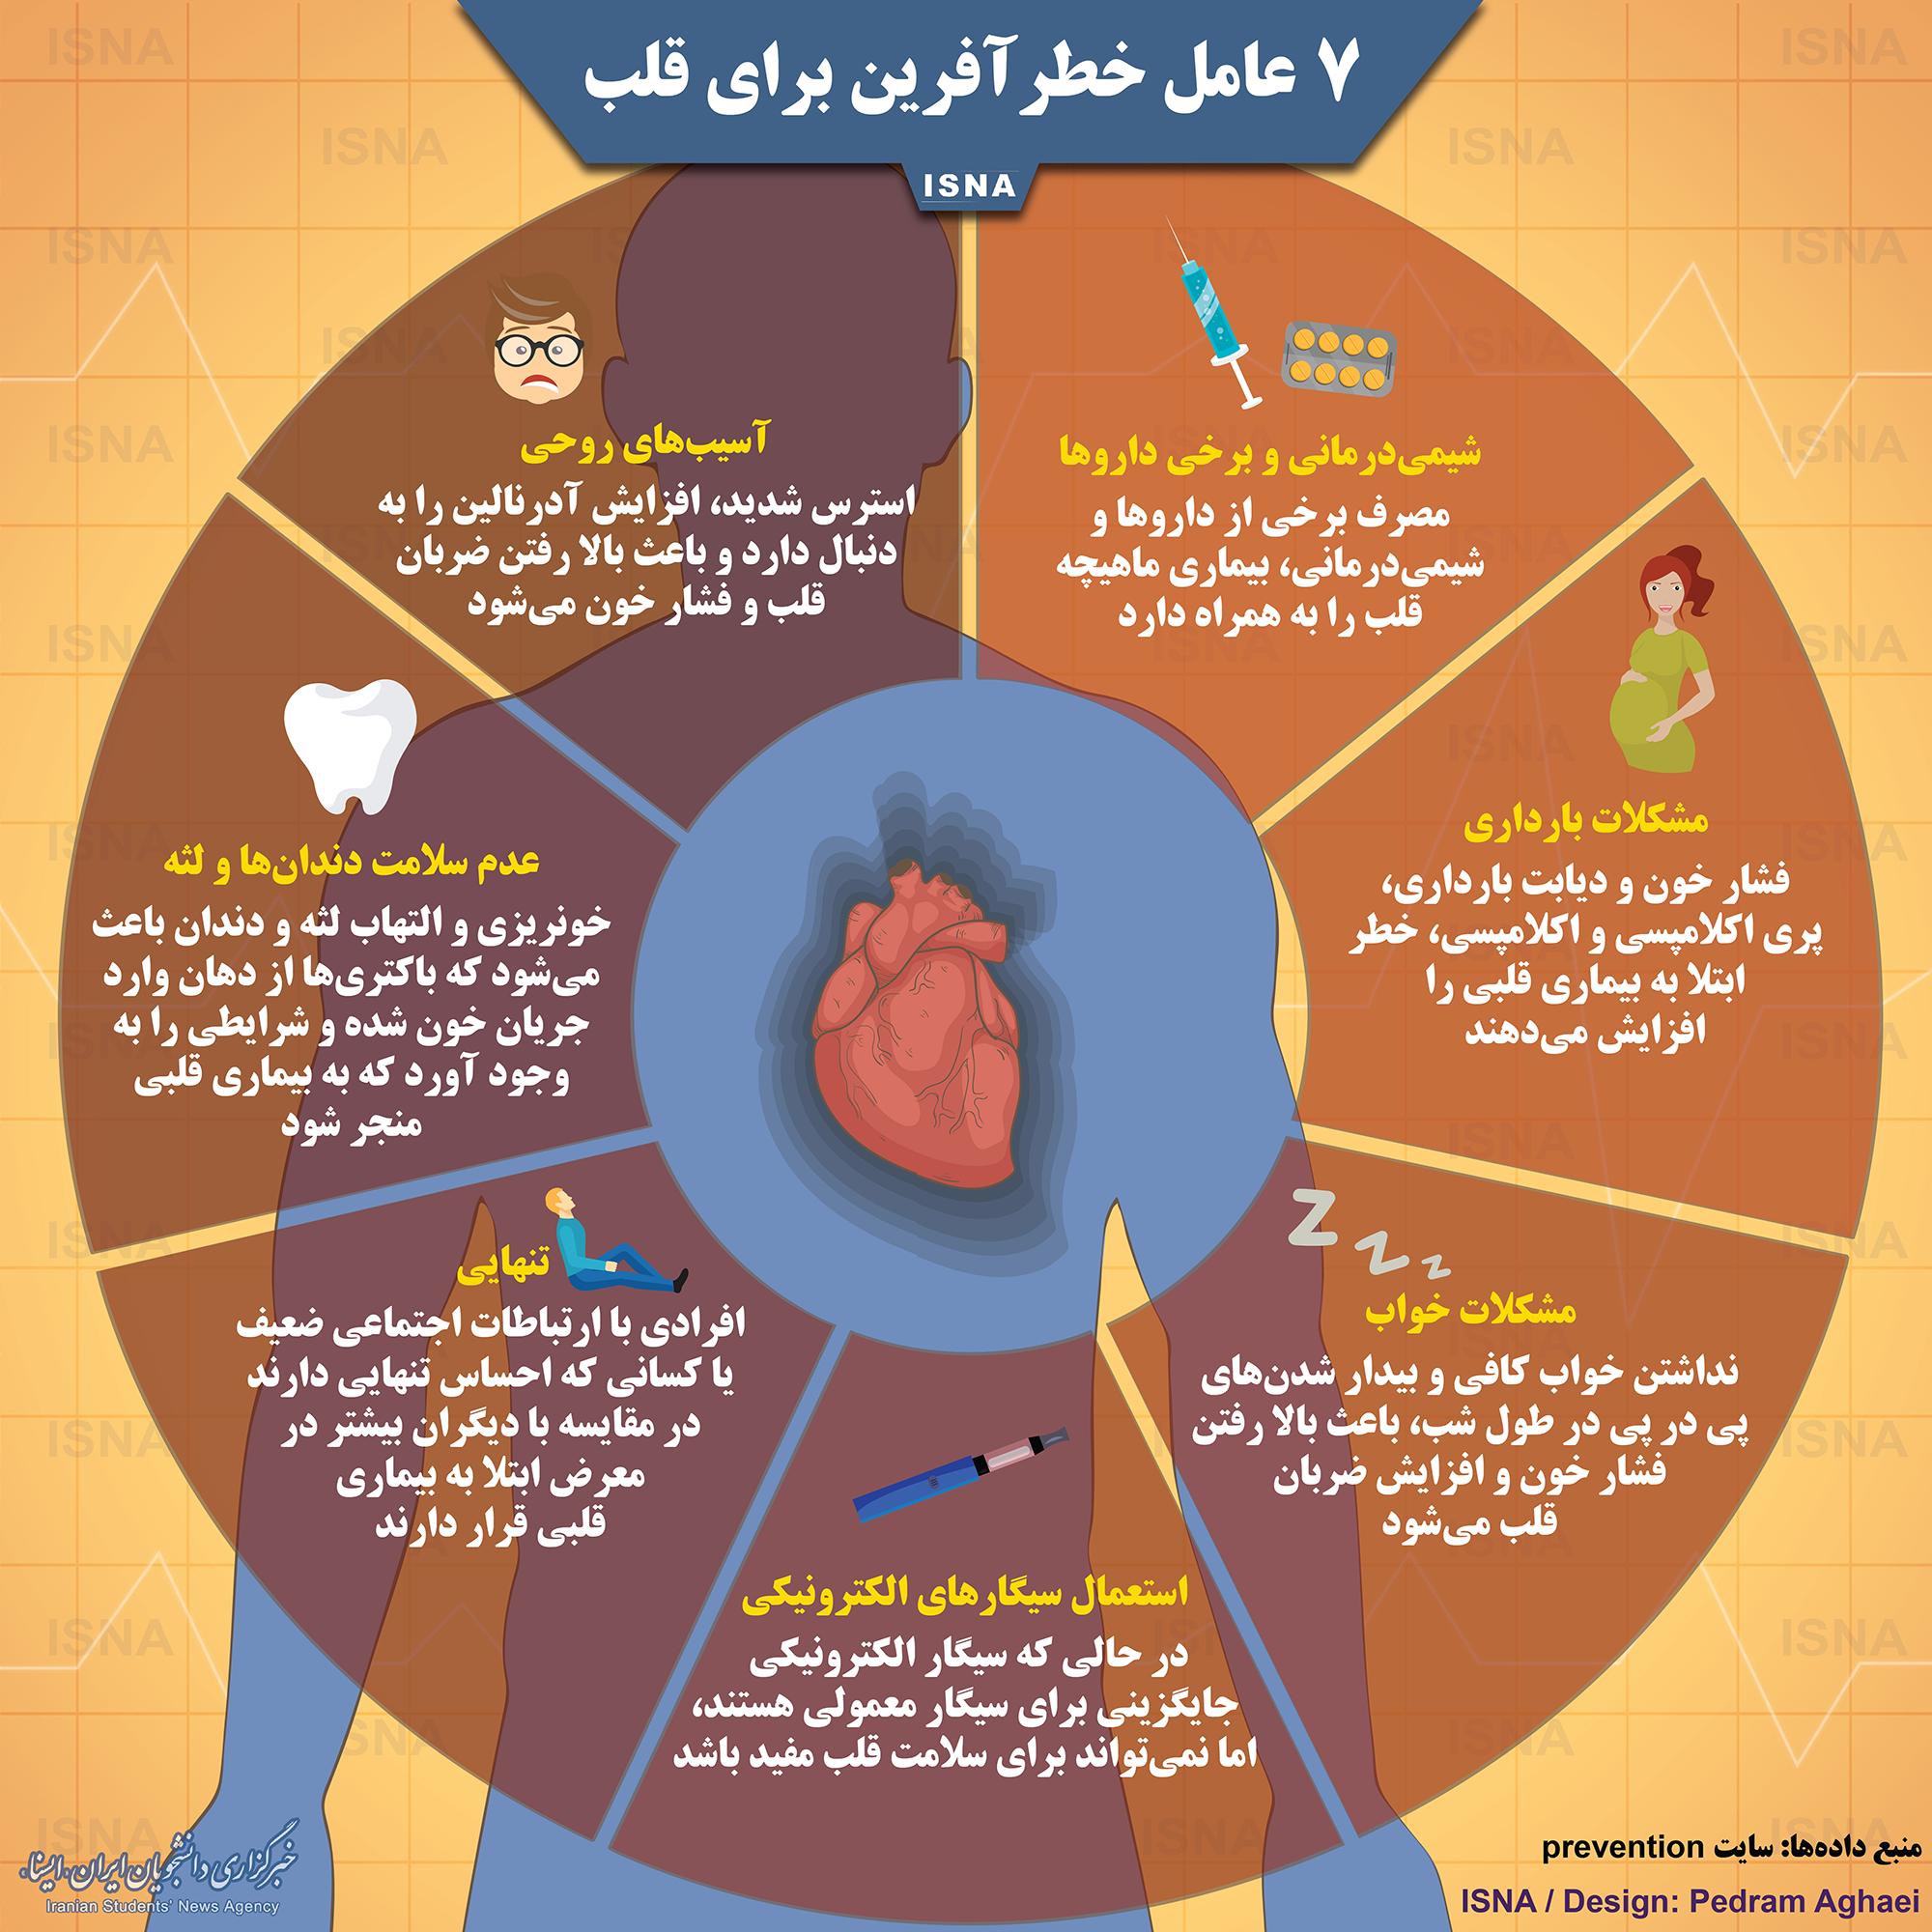 هفت عامل خطرآفرین برای قلب + اینفوگرافی